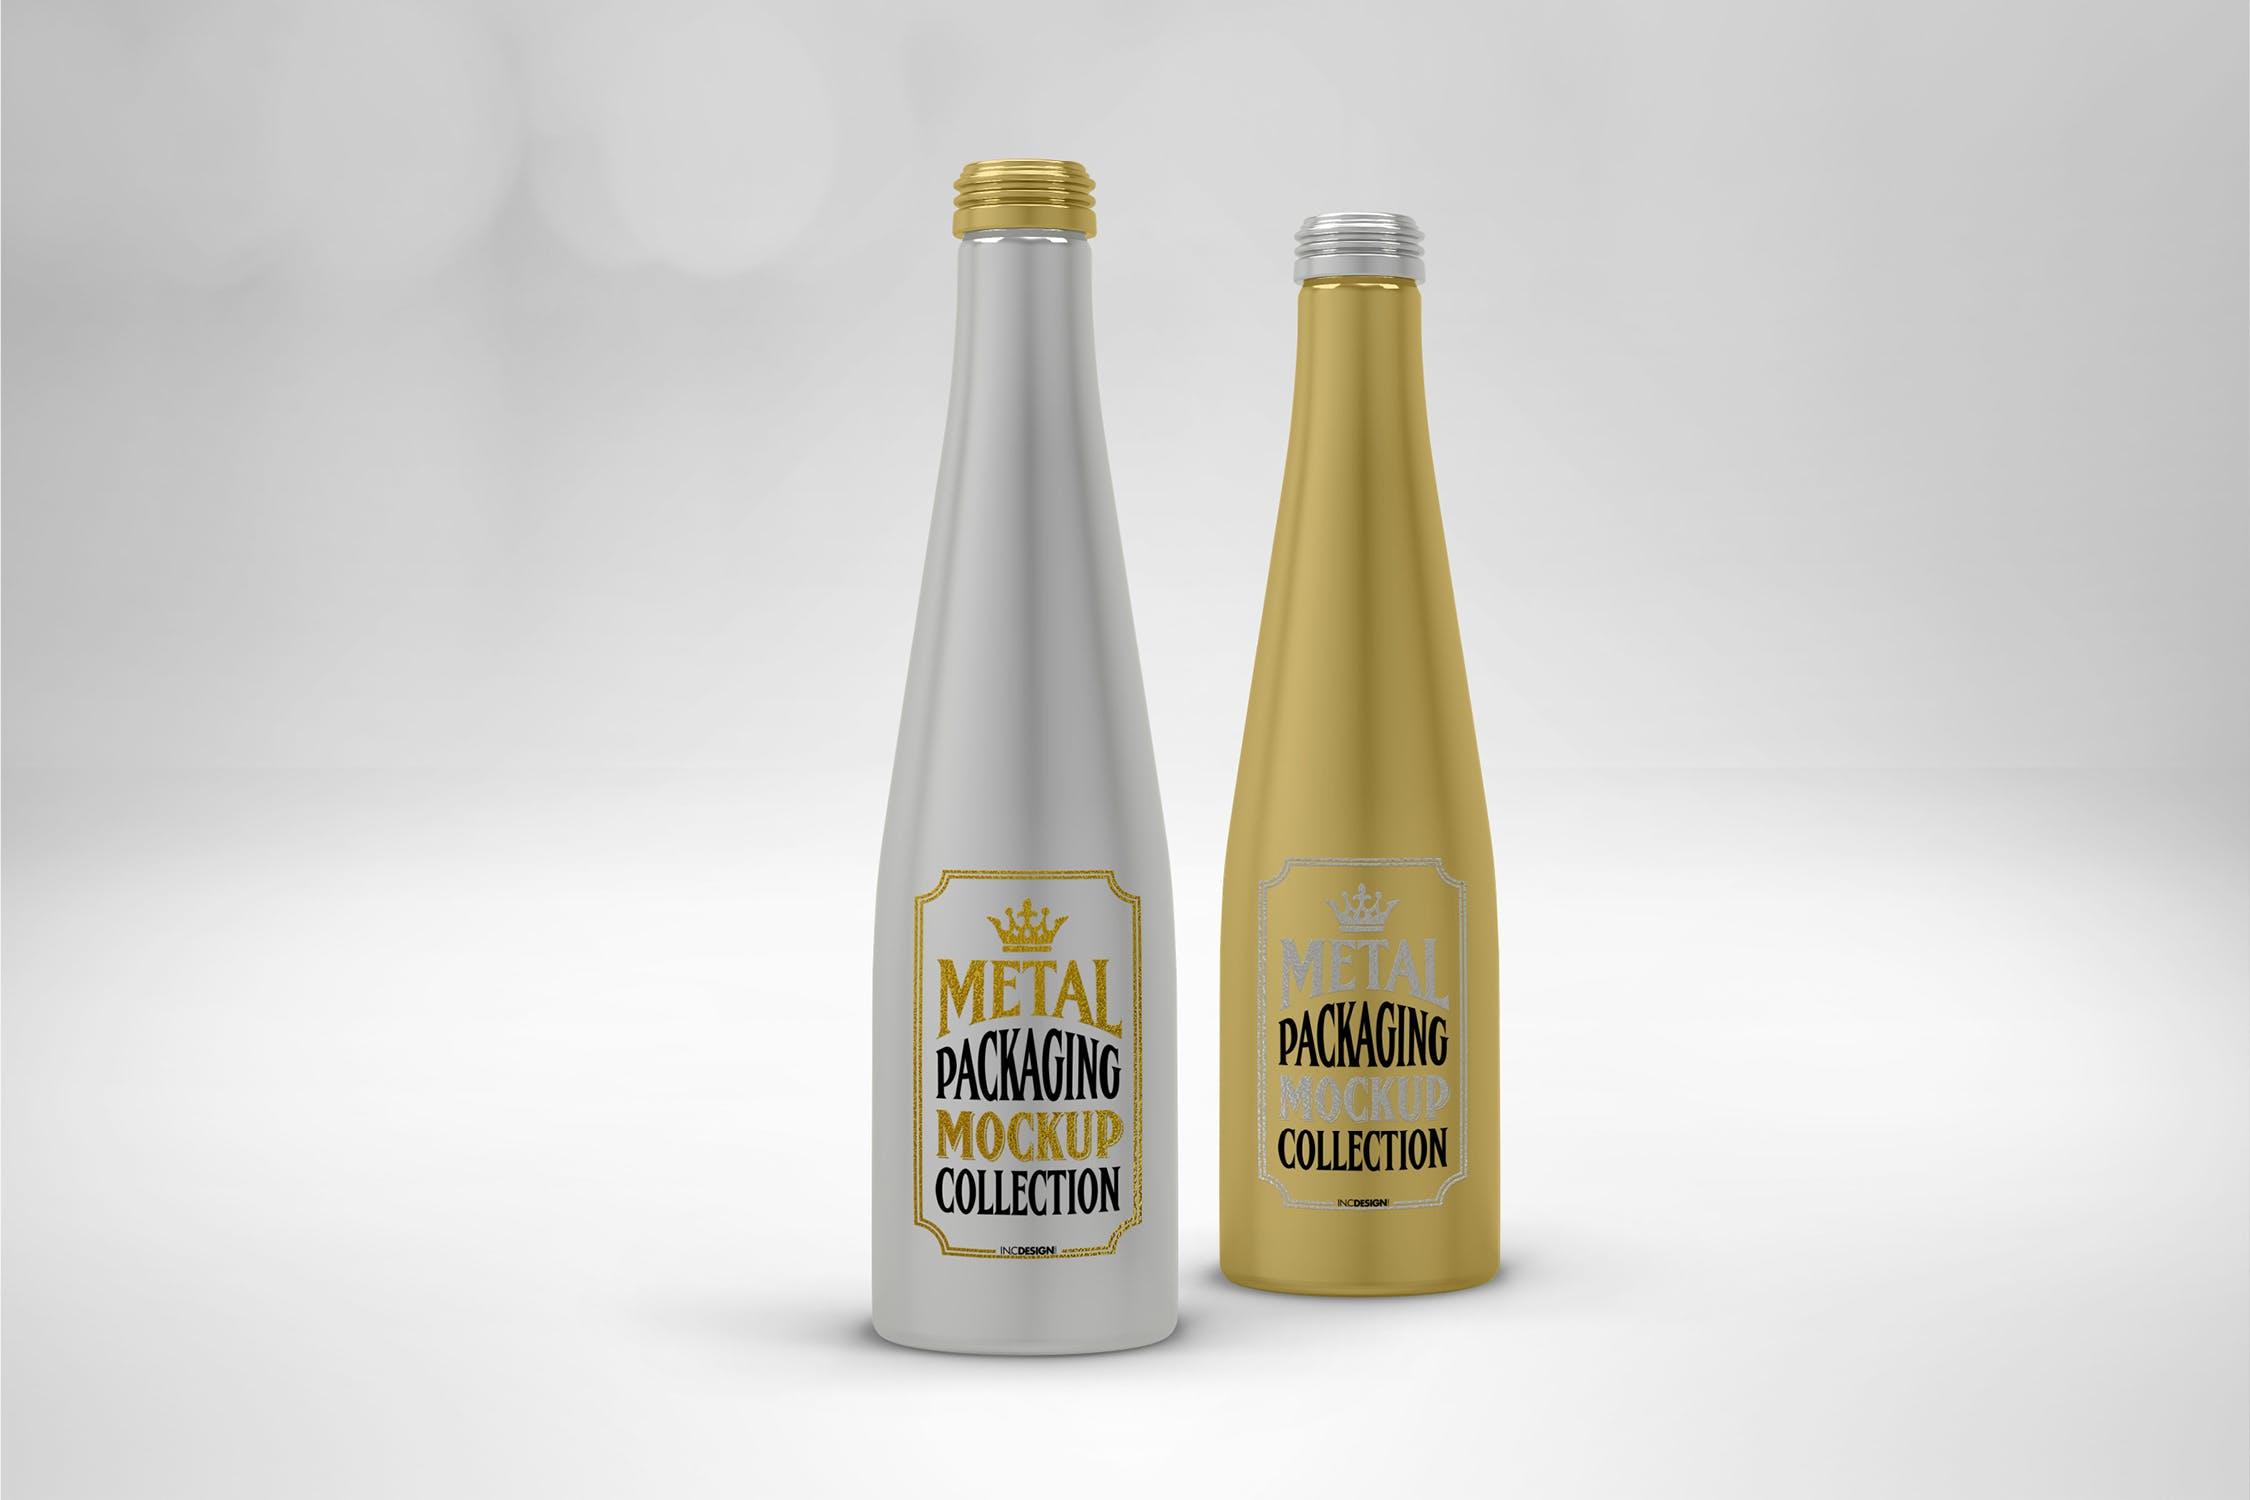 铝制酒瓶子包装样机高端碳酸饮料包装设计样机下载aluminum-drink-bottles-VKZJ6ZJ